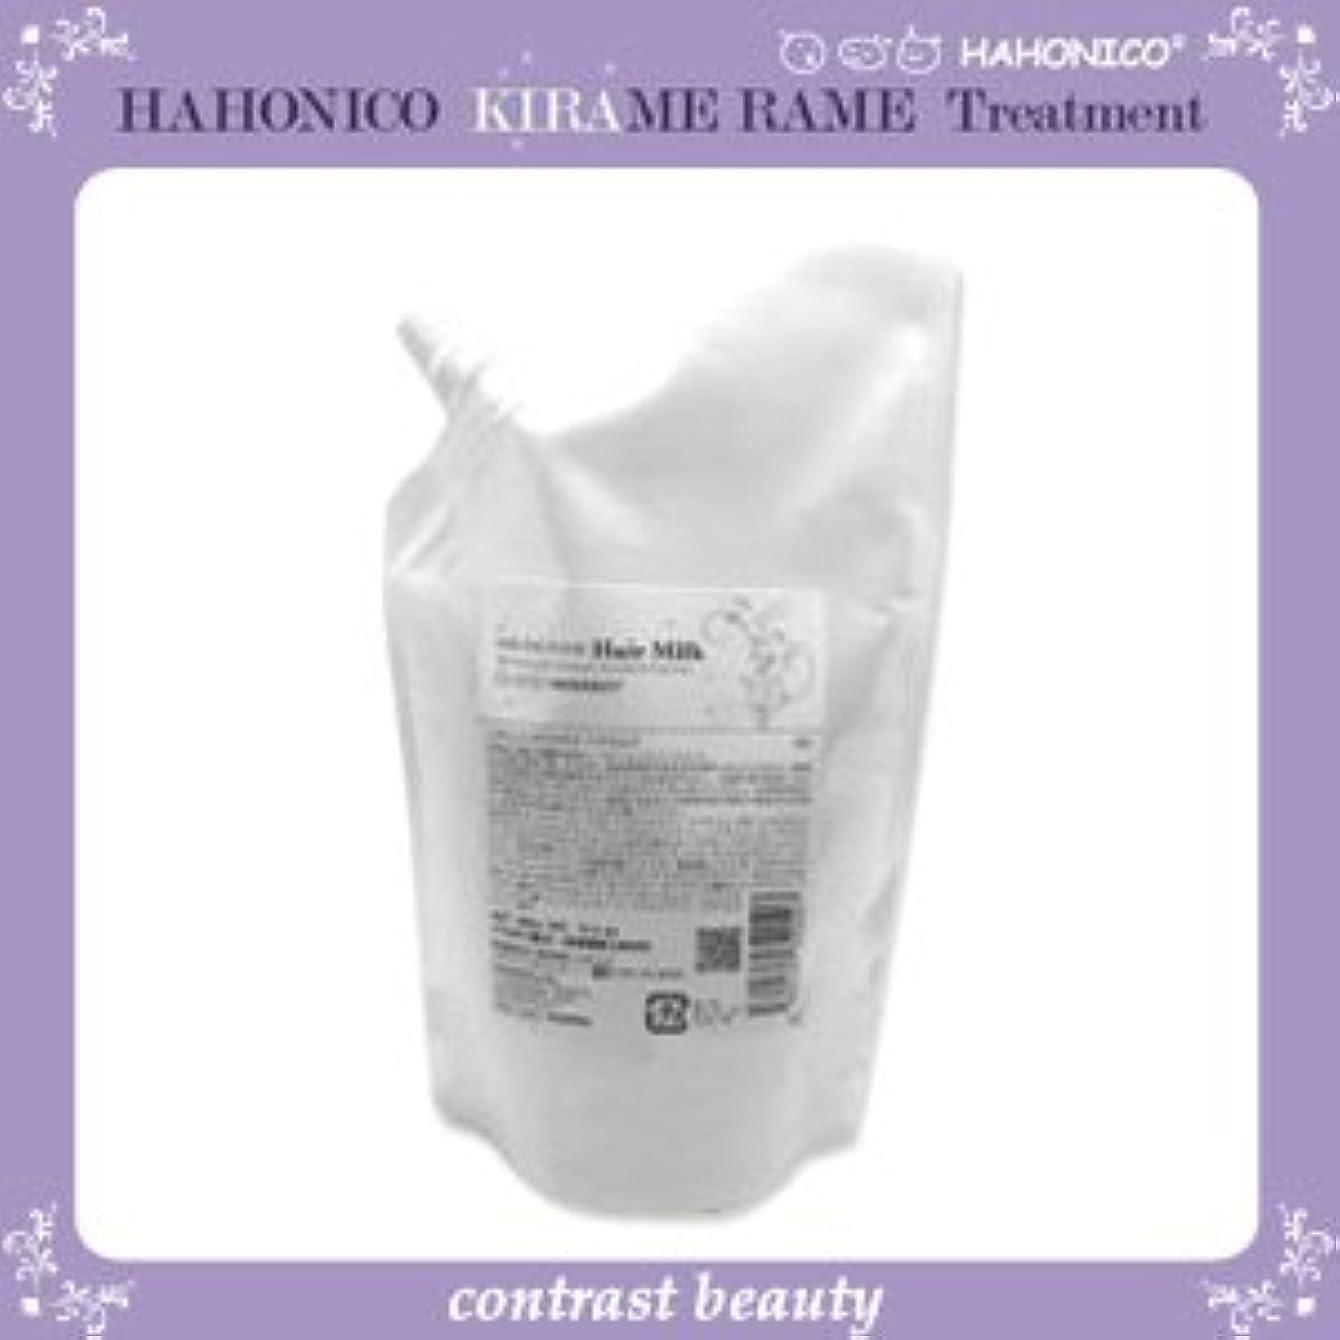 不合格トランスミッション会う【X5個セット】 ハホニコ キラメラメ ヘアミルク 300g KIRAME RAME HAHONICO